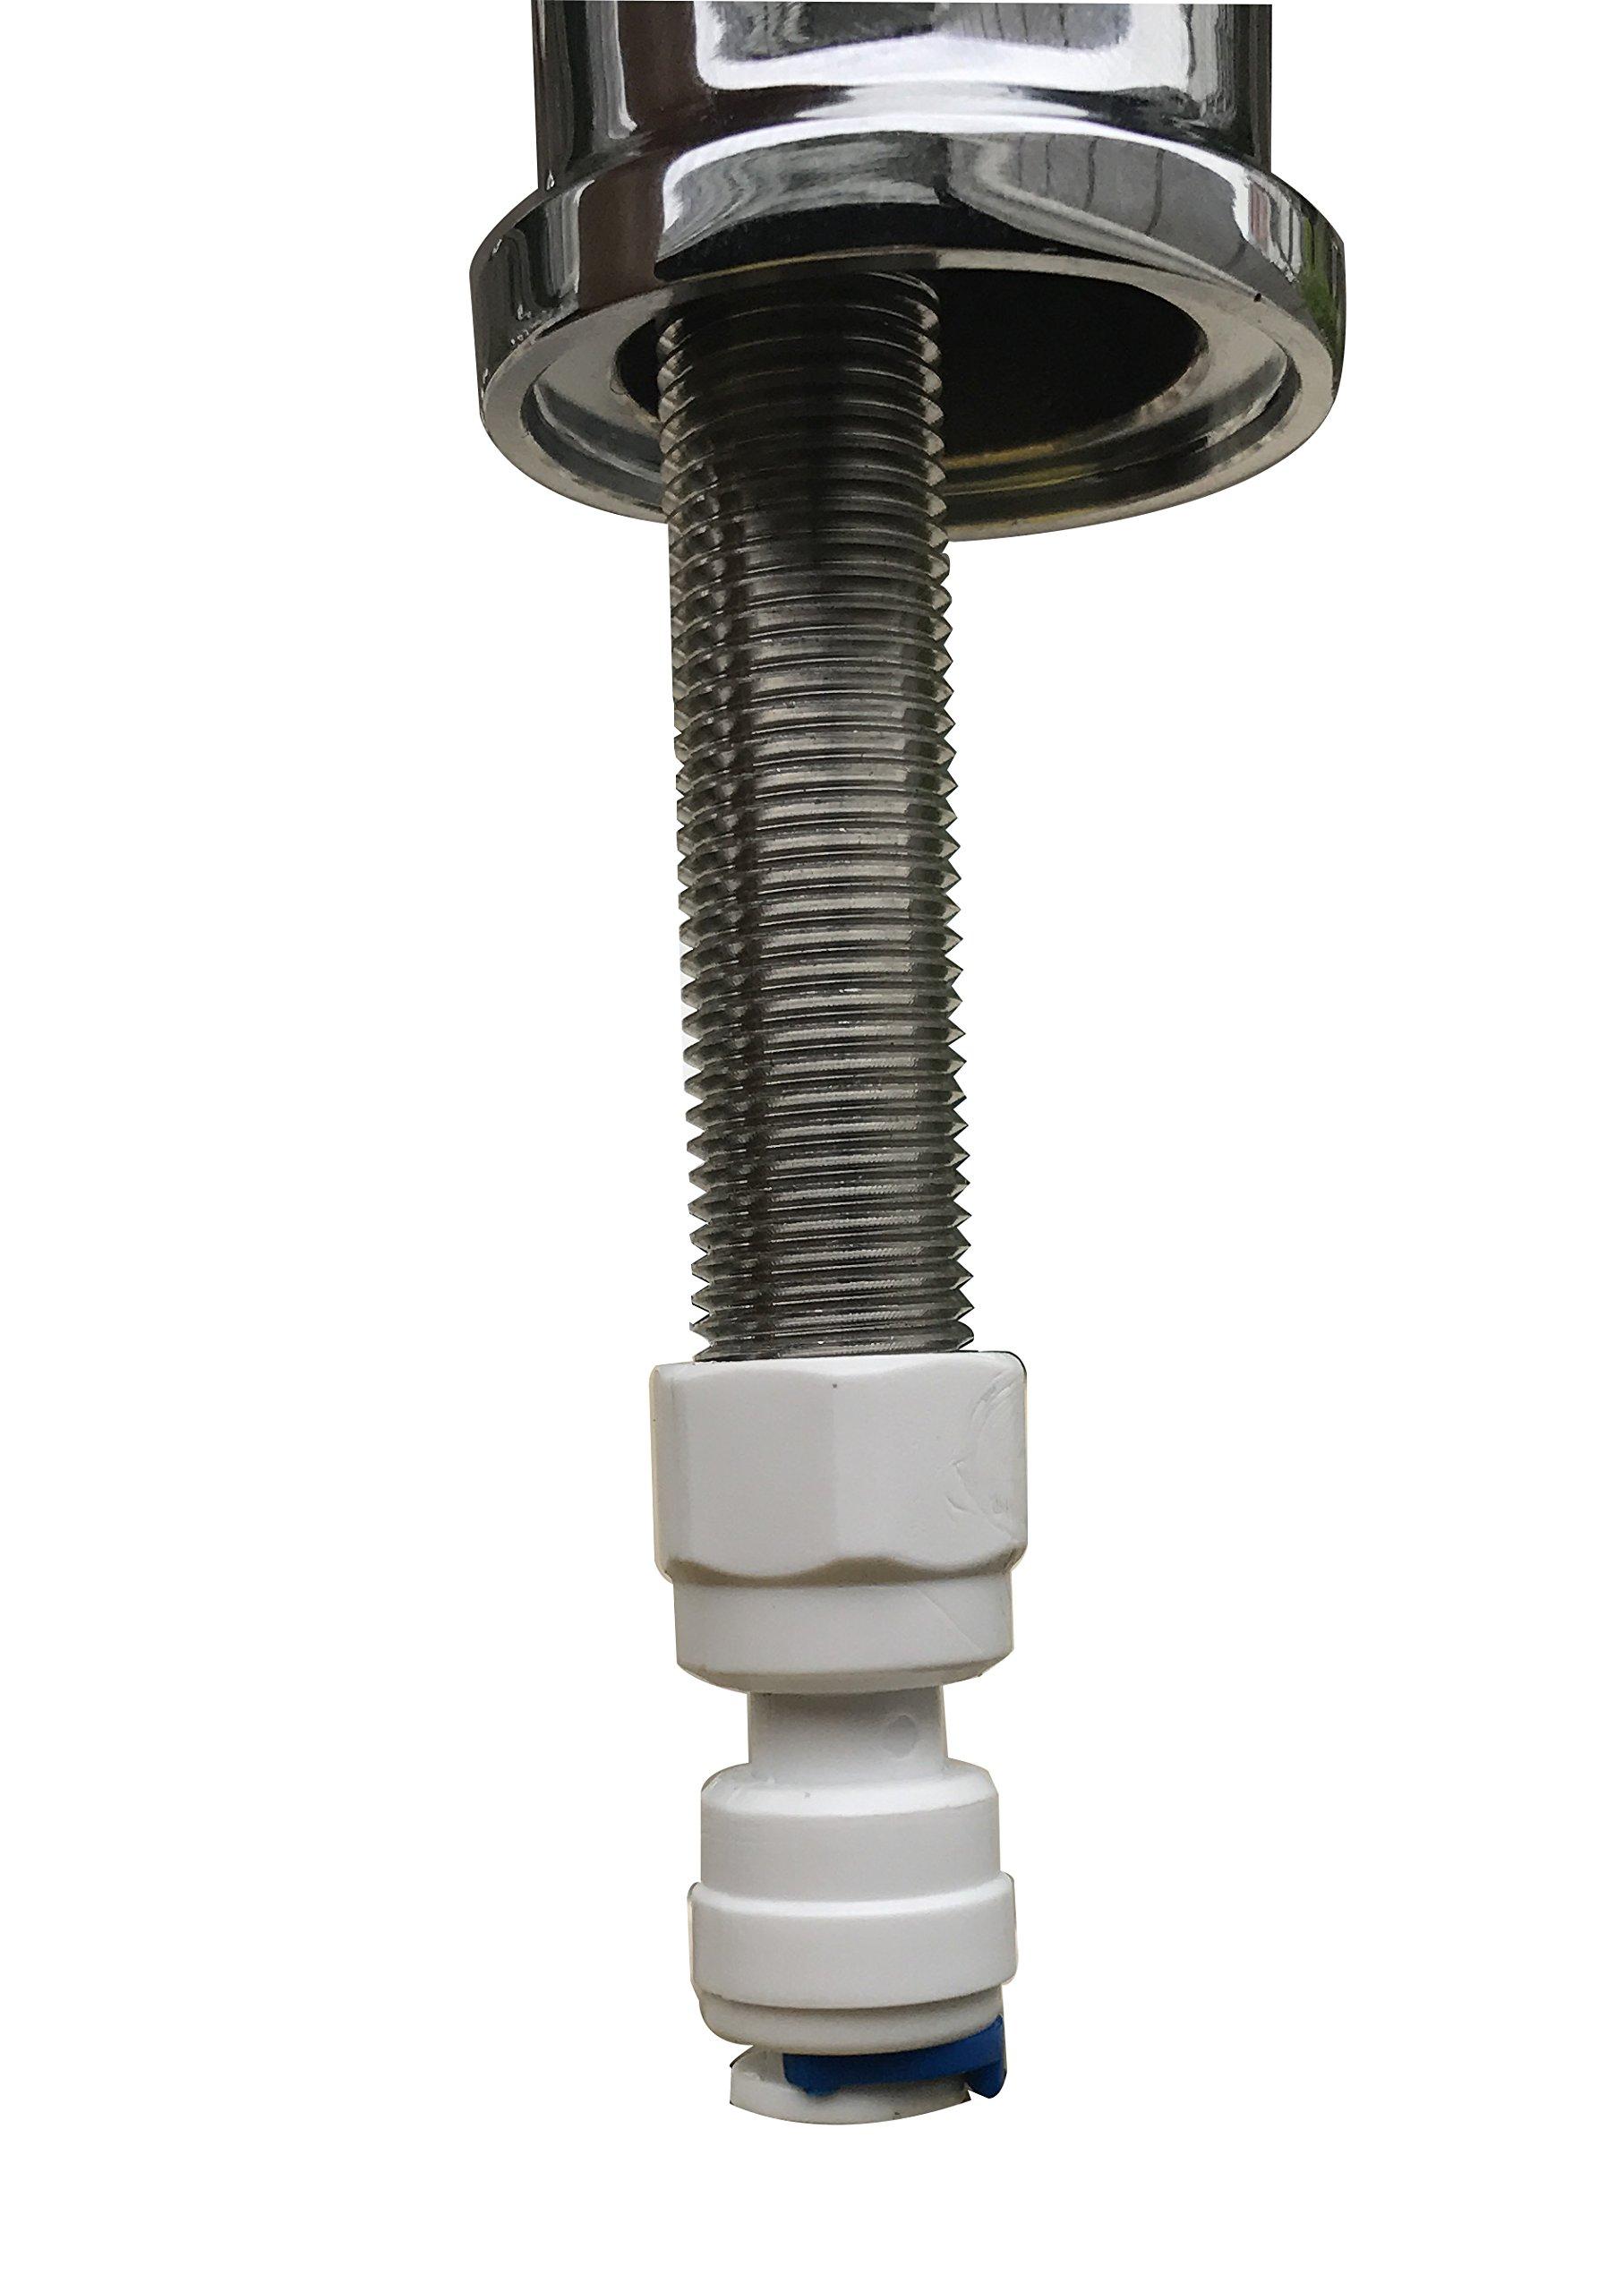 Derengge DFA-0015-BN Drinking Water Filter Faucet cUPC NSF AB1953 Lead Free Brush Nickel by Derengge